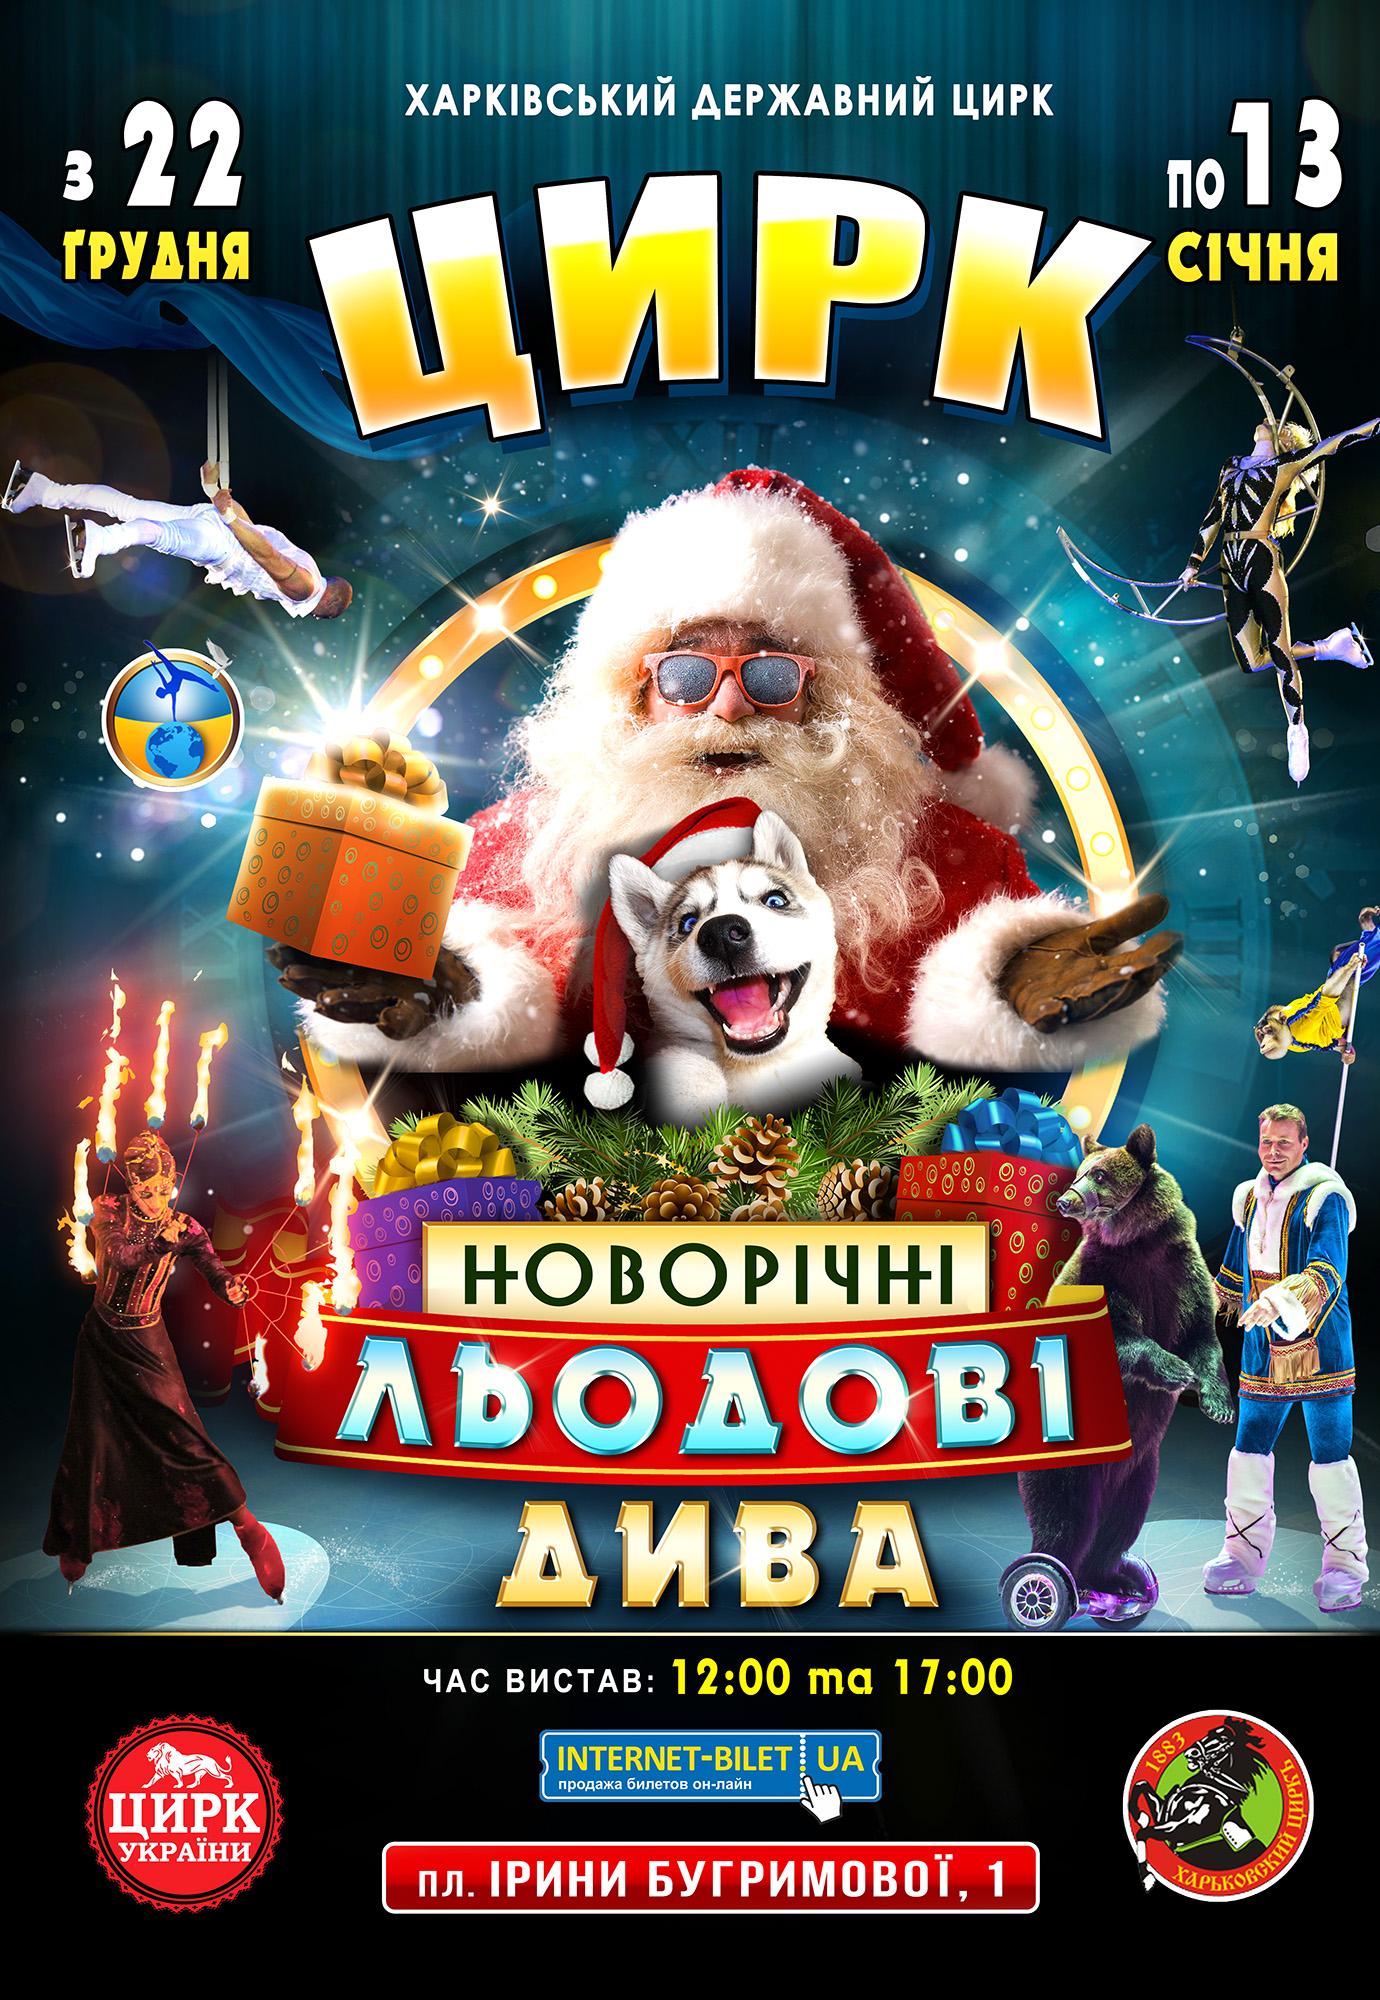 Билеты в цирк в харькове купить афиша кино парк хаус на завтра